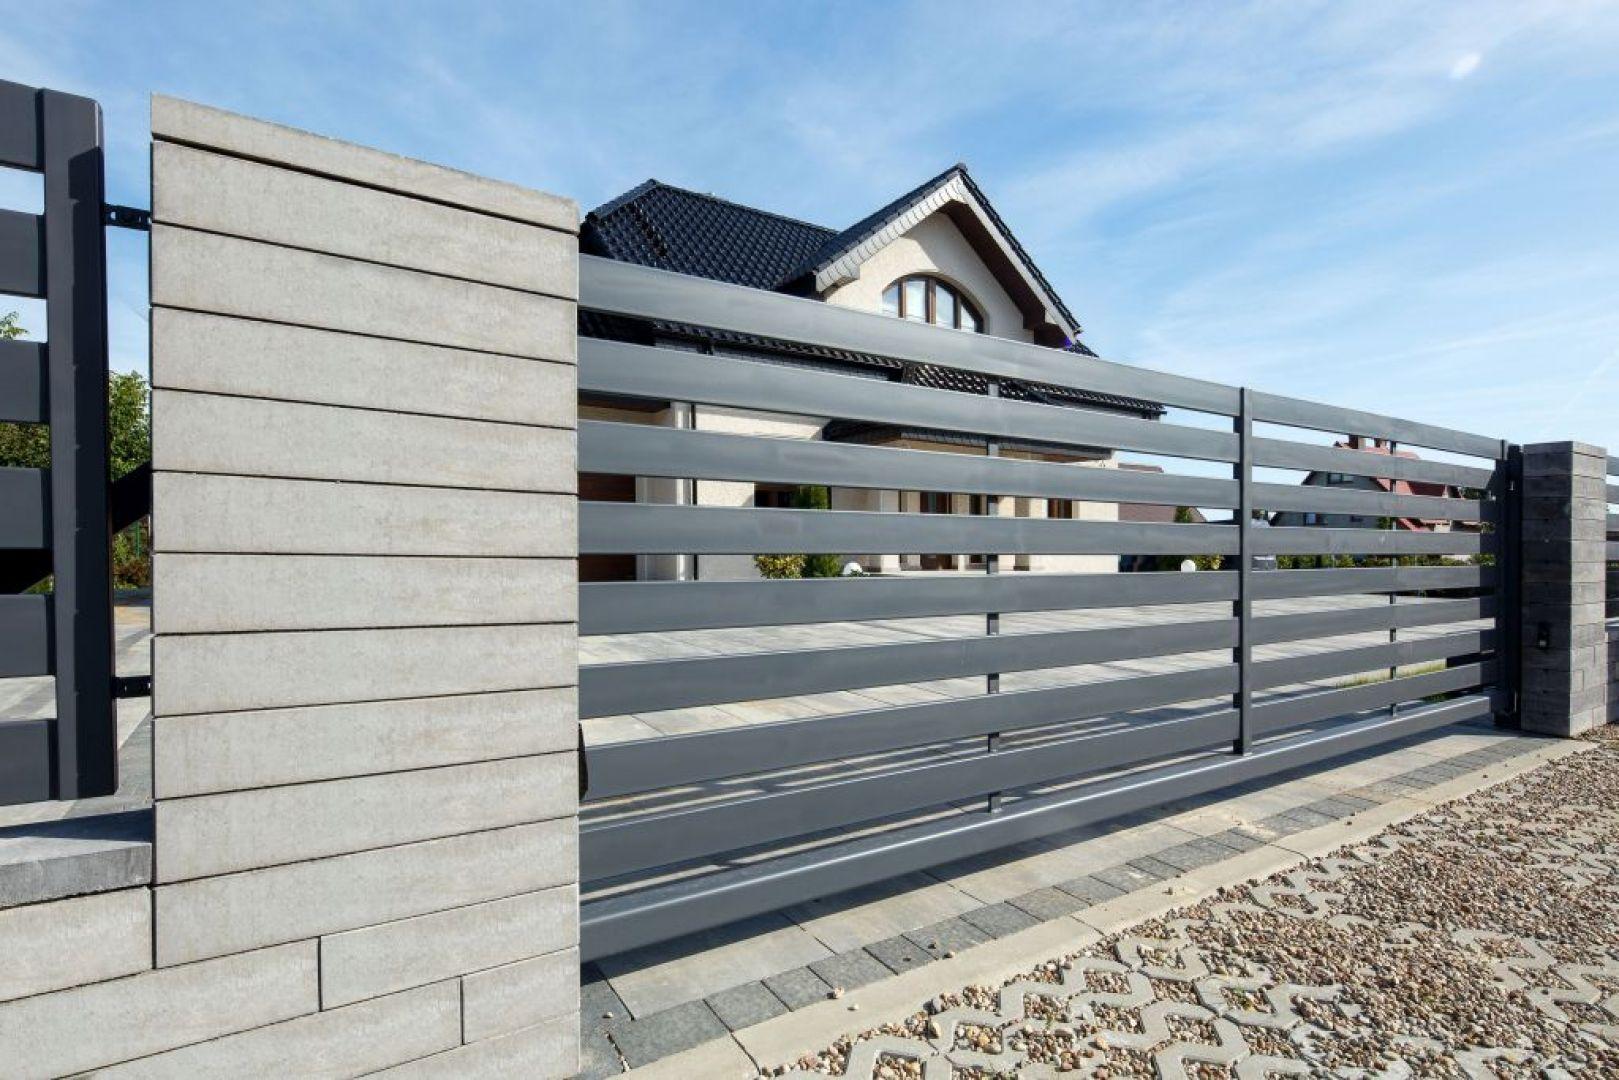 Ogrodzenie Neo dostępne jest w kolorze grafitowym i stalowym.